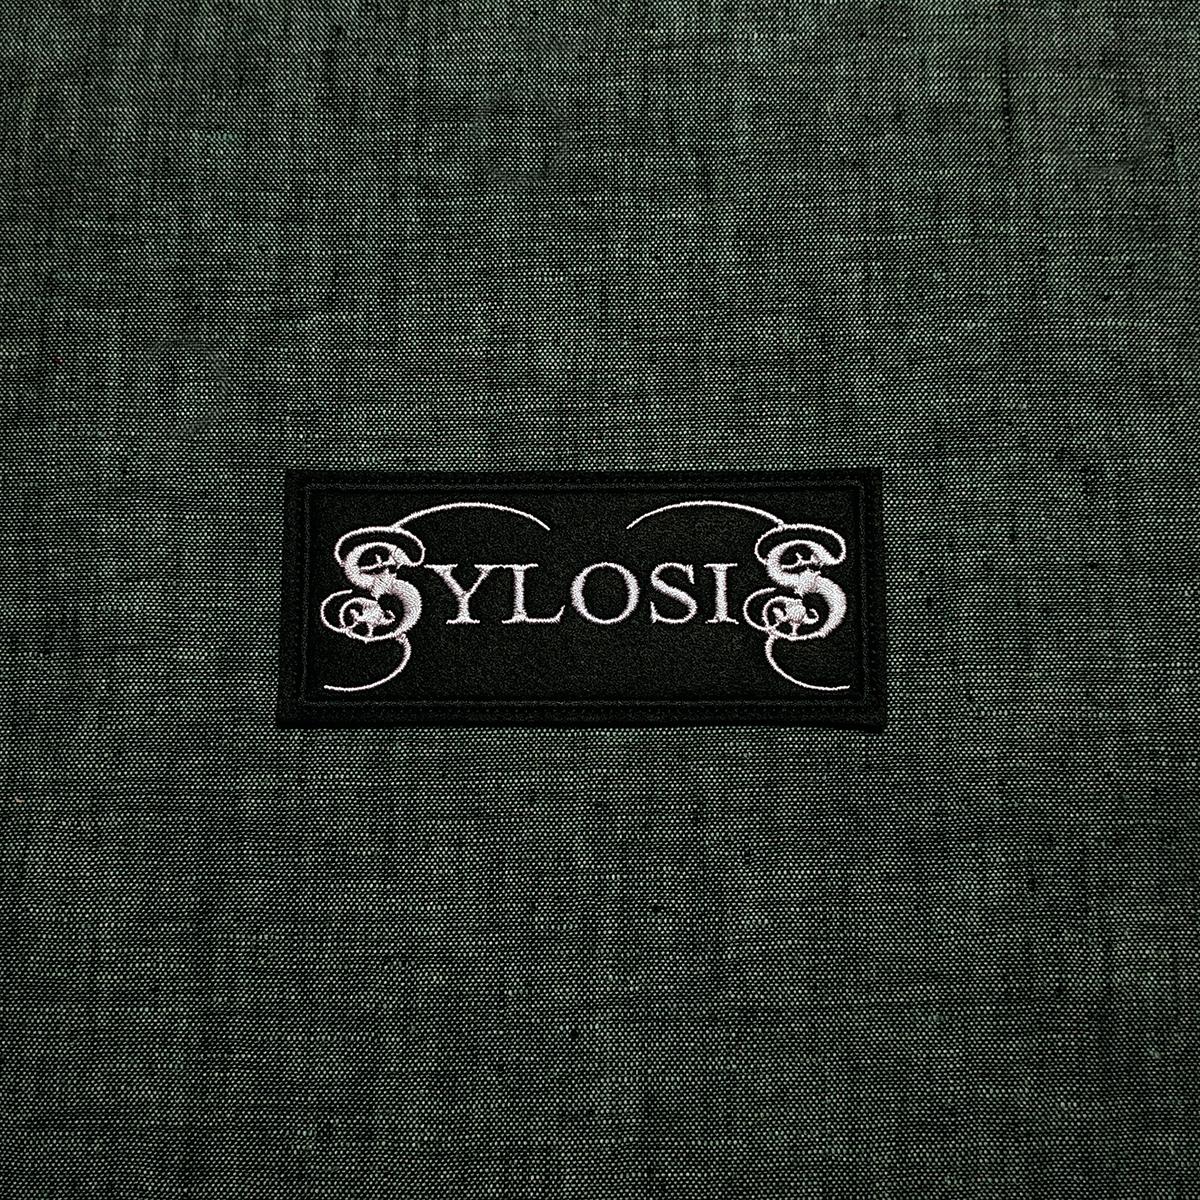 Patch Sylosis Thrash Metal band.